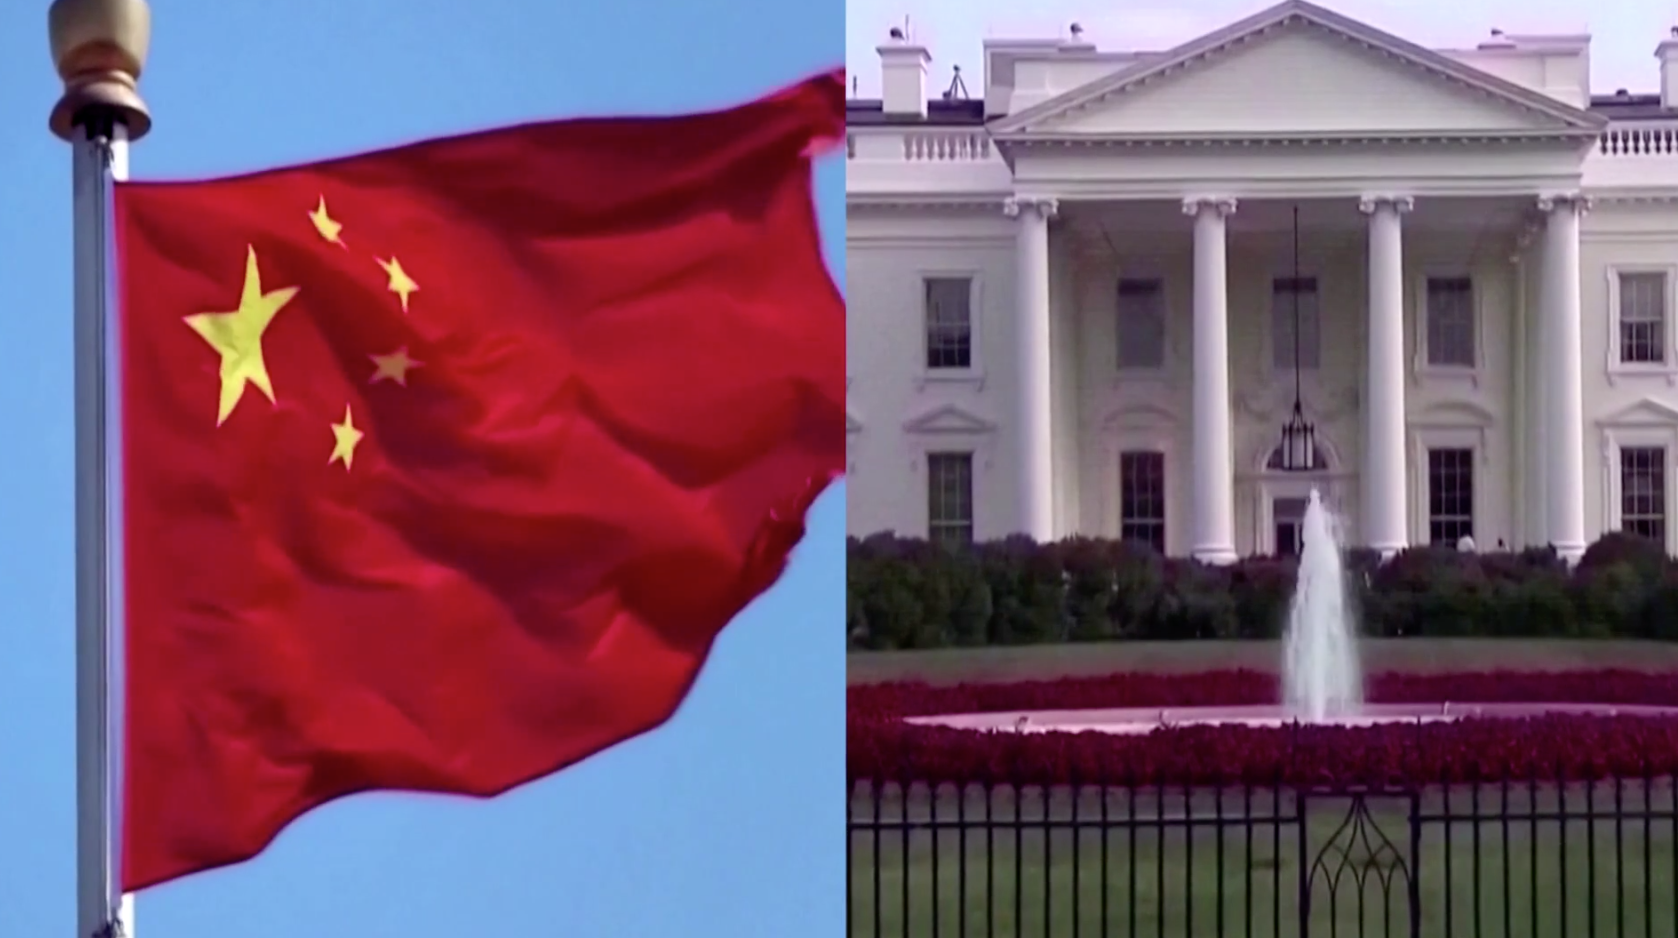 Thỏa thuận thương mại Mỹ-Trung cắt giảm nhiều mức thuế để đổi lấy lời hứa của Bắc Kinh về lượng mua nông sản